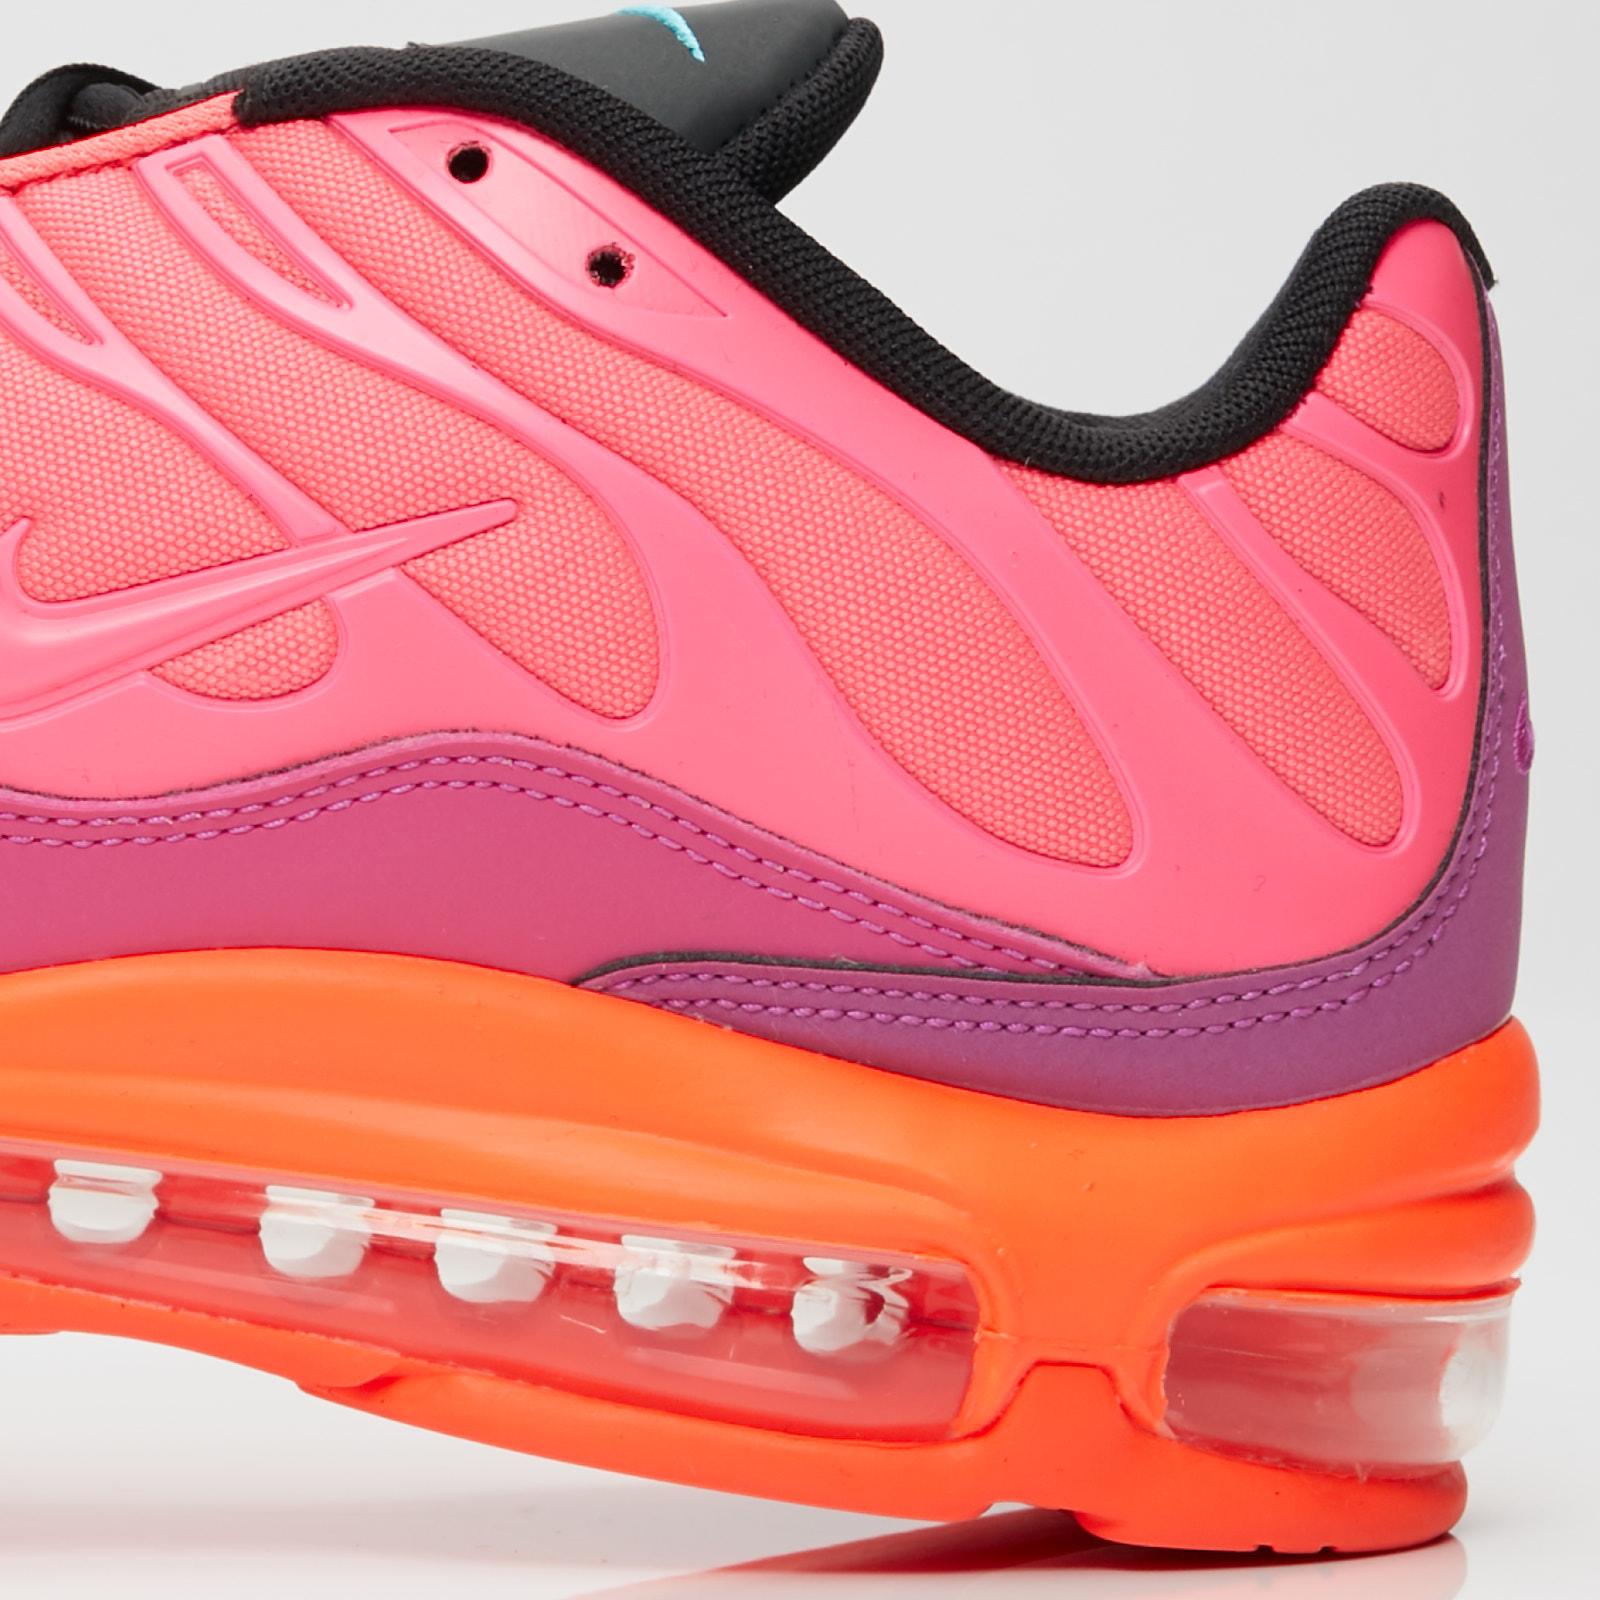 Nike Air Max 97 Plus - Ah8144-600 - Sneakersnstuff  04918be20